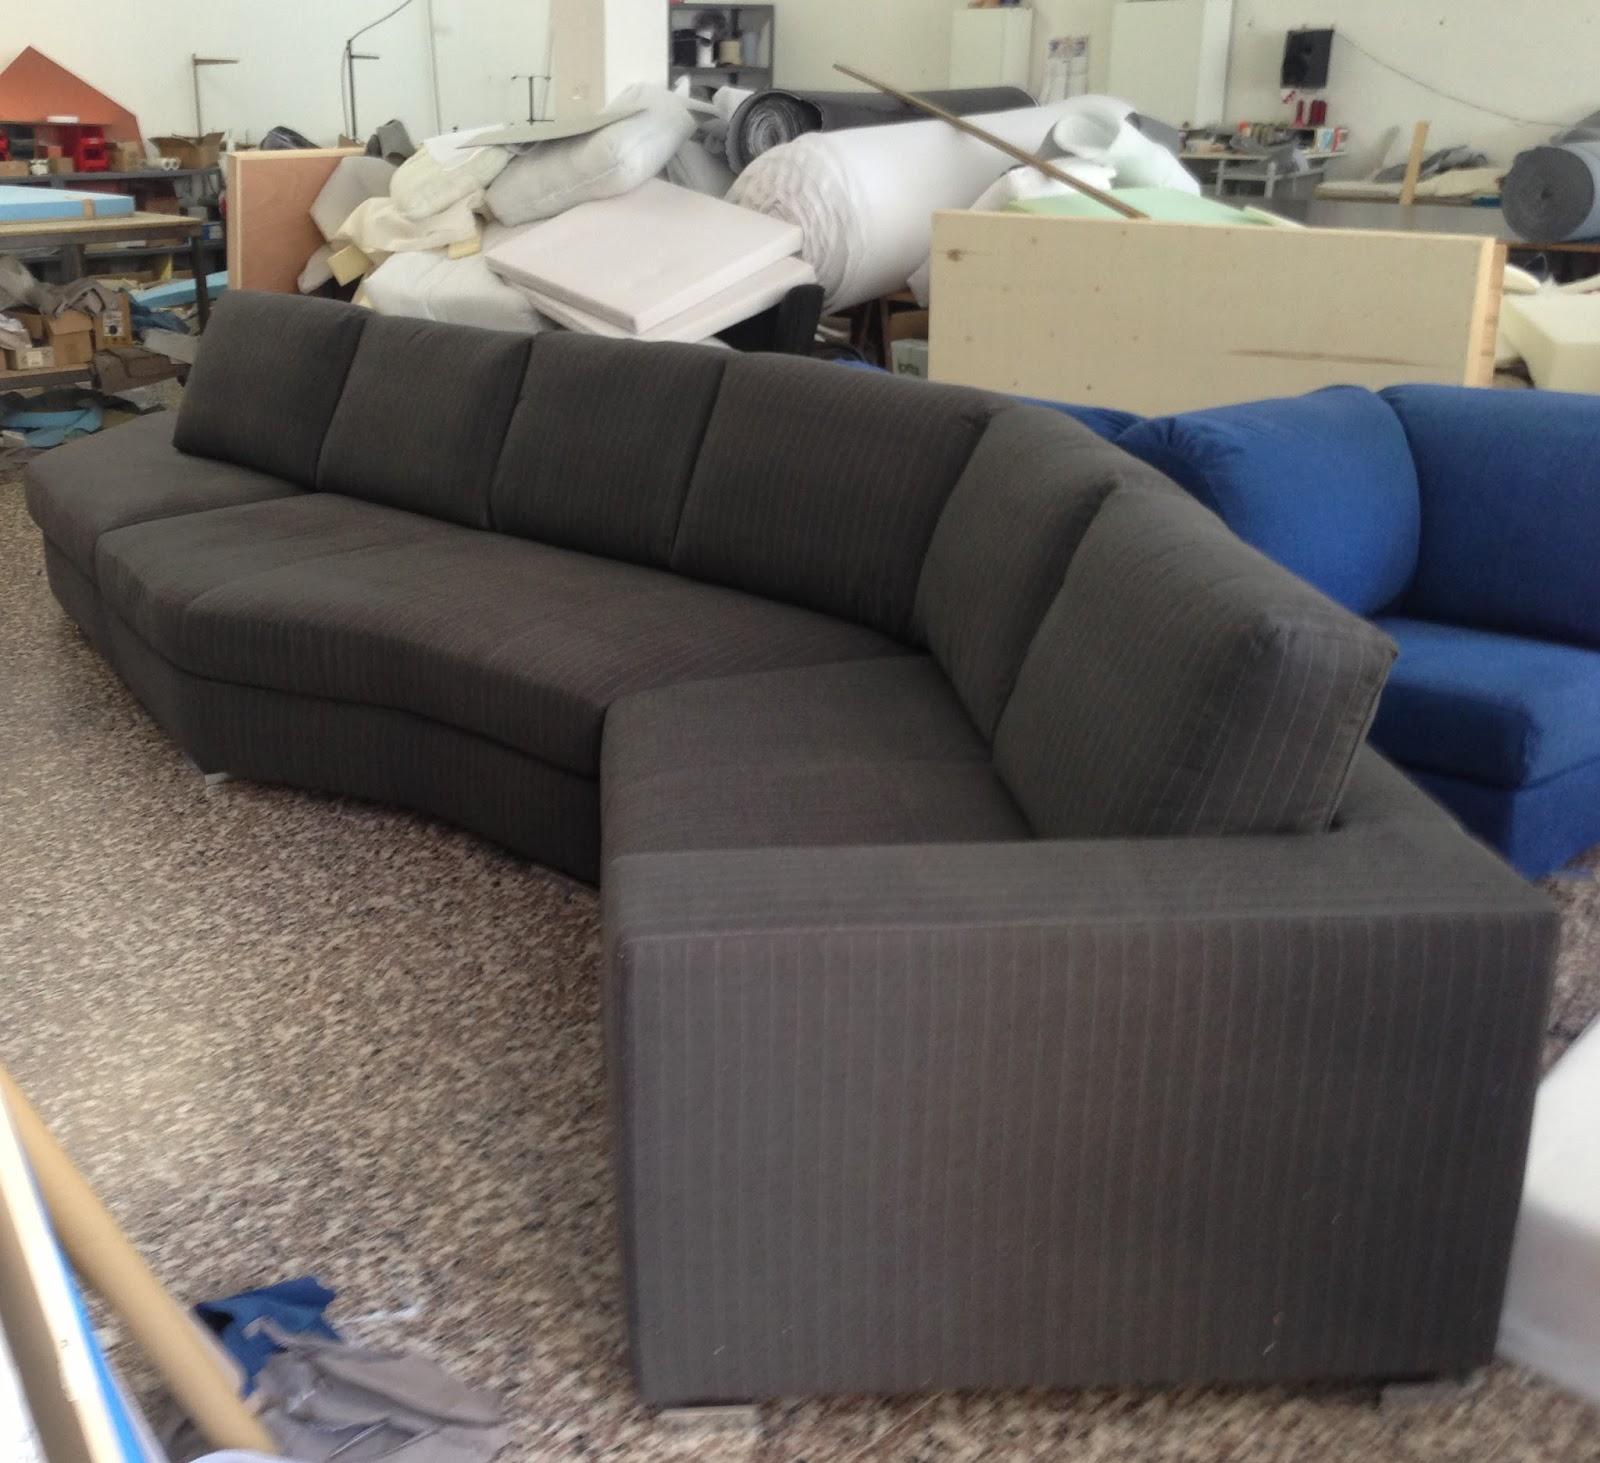 Divani e divani letto su misura un divano su misura dalla - Divano letto su misura ...